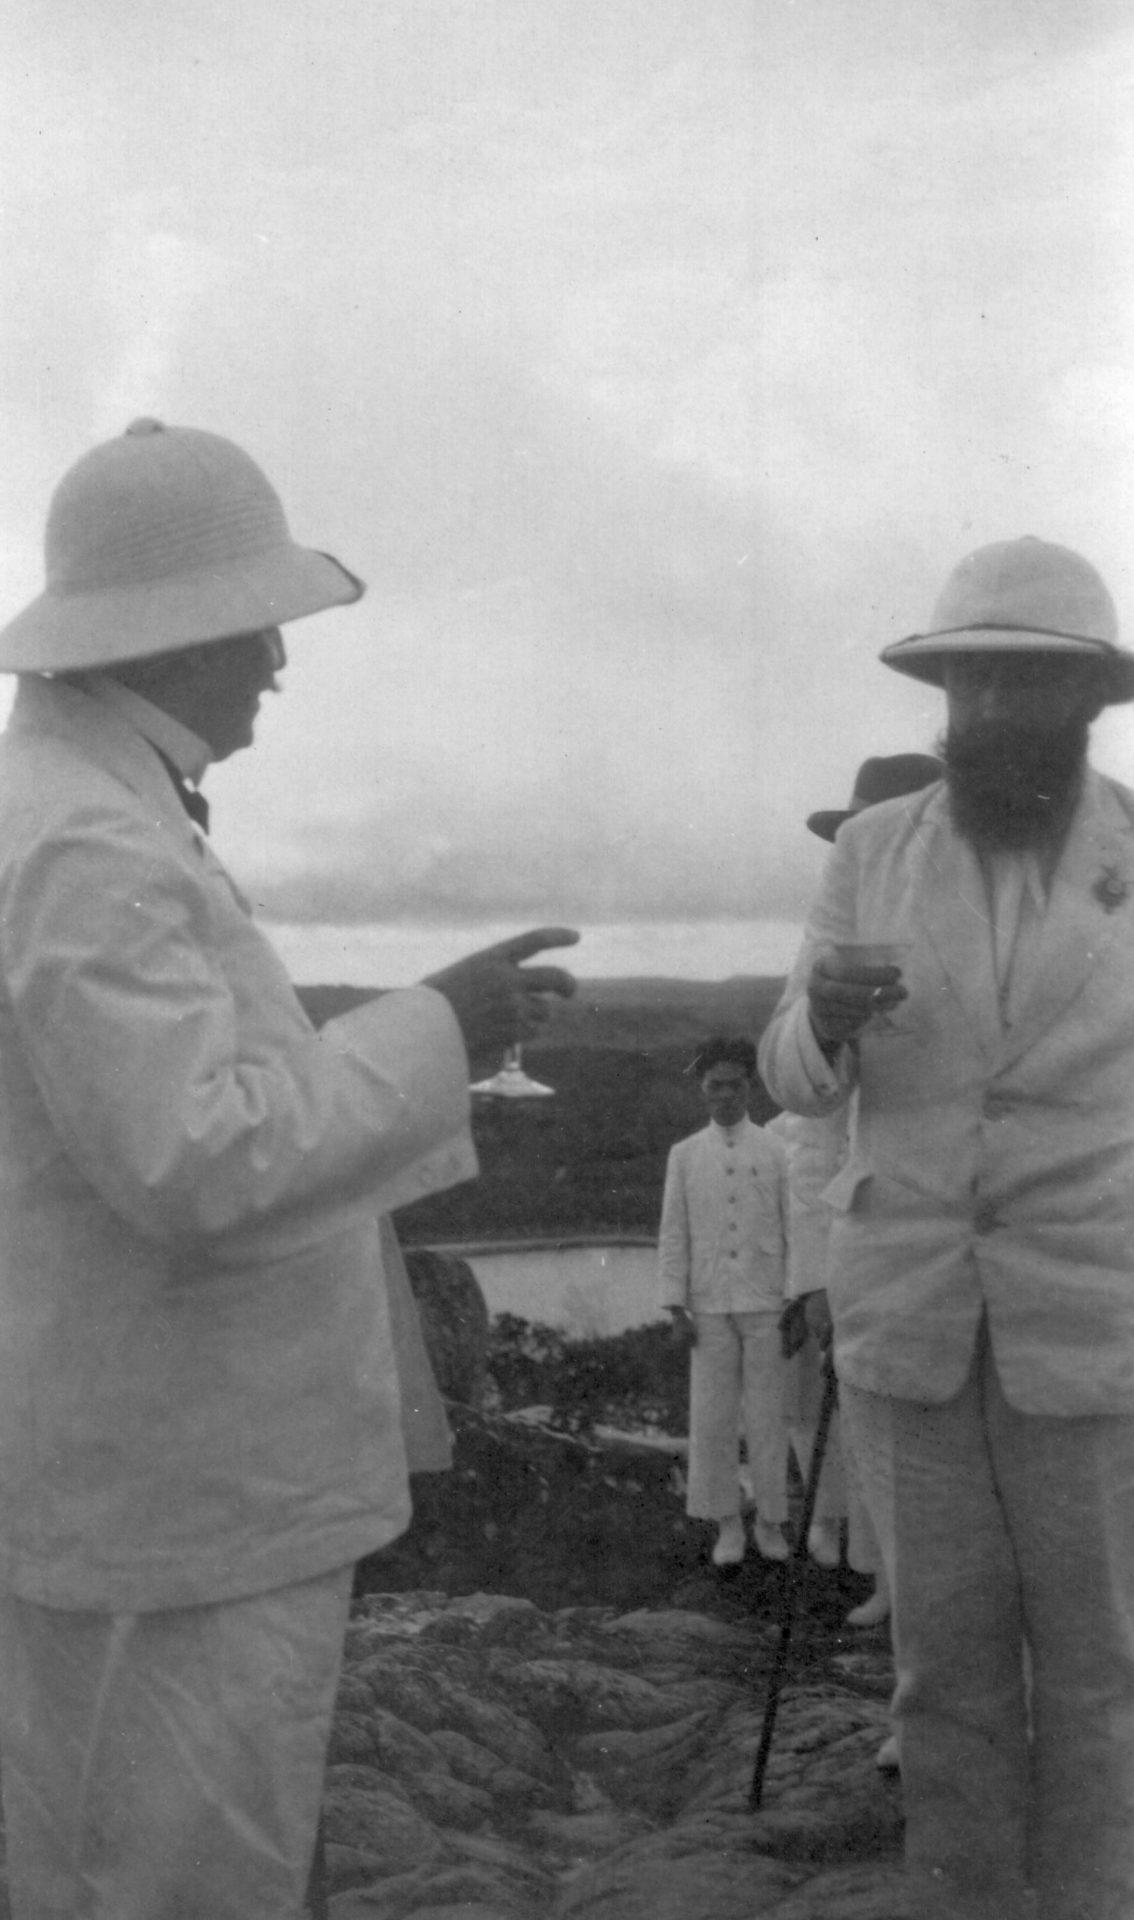 Alexandre Varenne, à droite - Bokor, 24 Novembre 1925